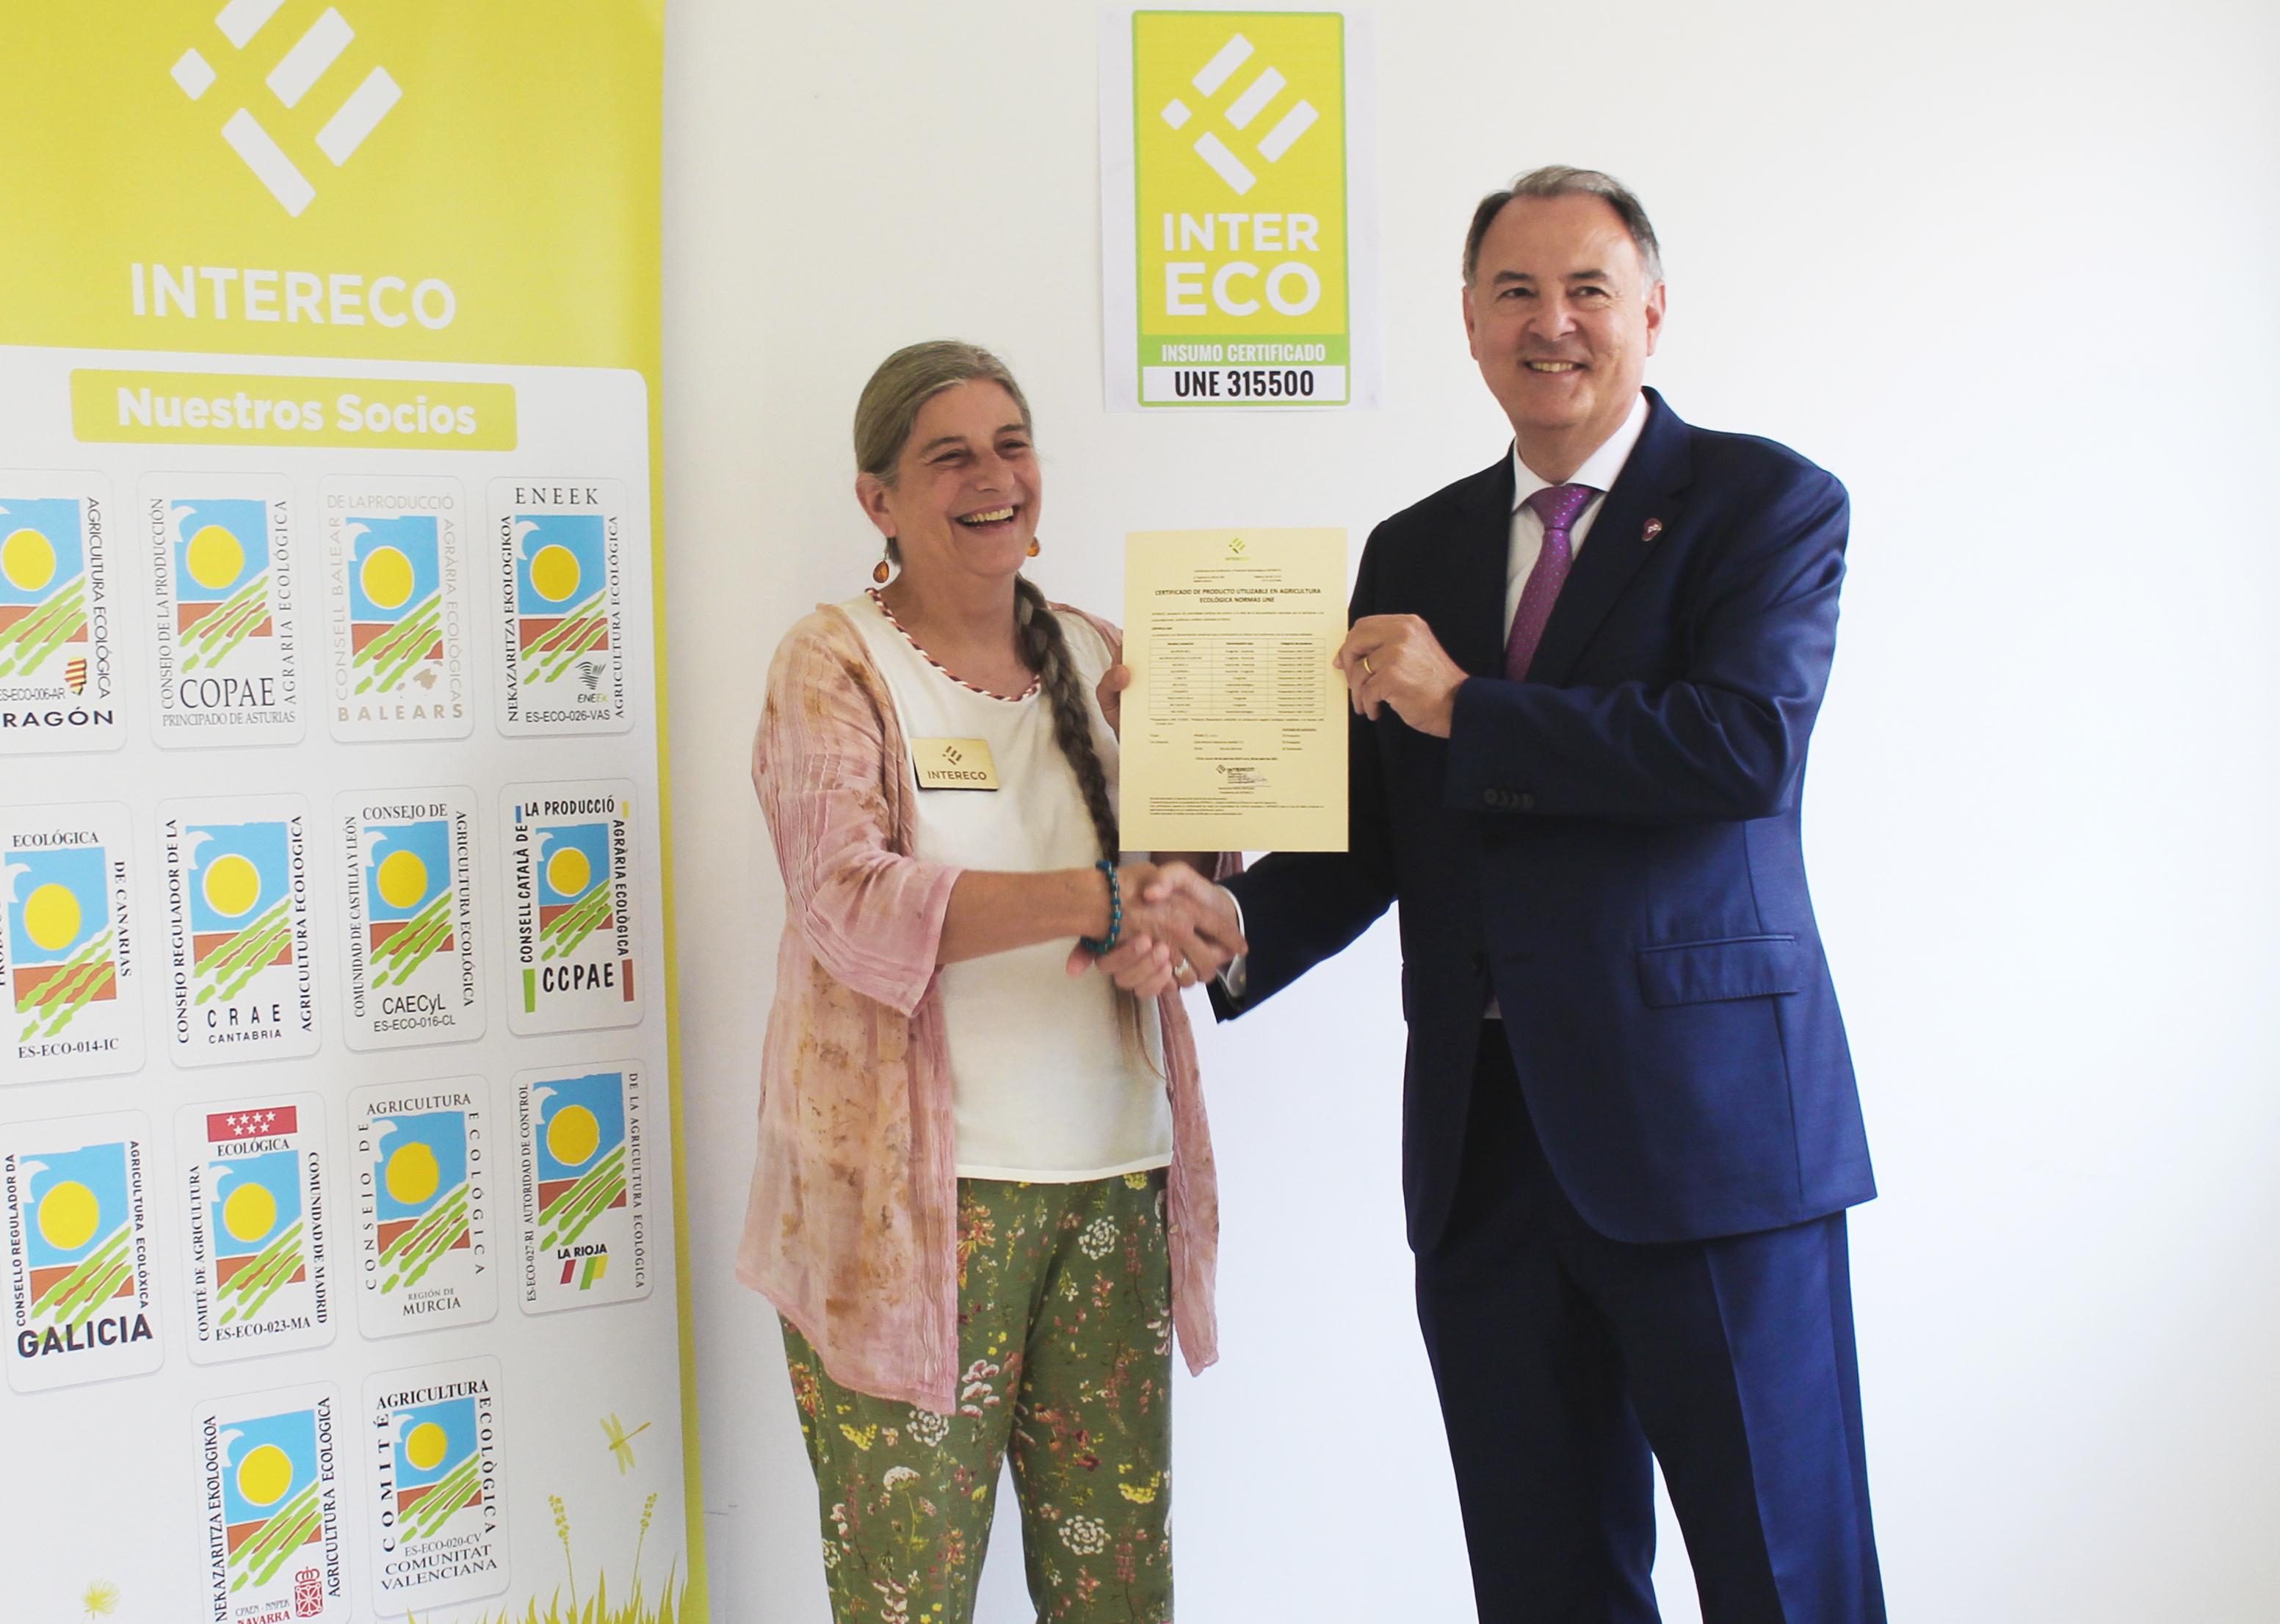 INTERECO entrega a Probelte la primera certificación a productos Fitosanitarios UNE 315500 a nivel estatal